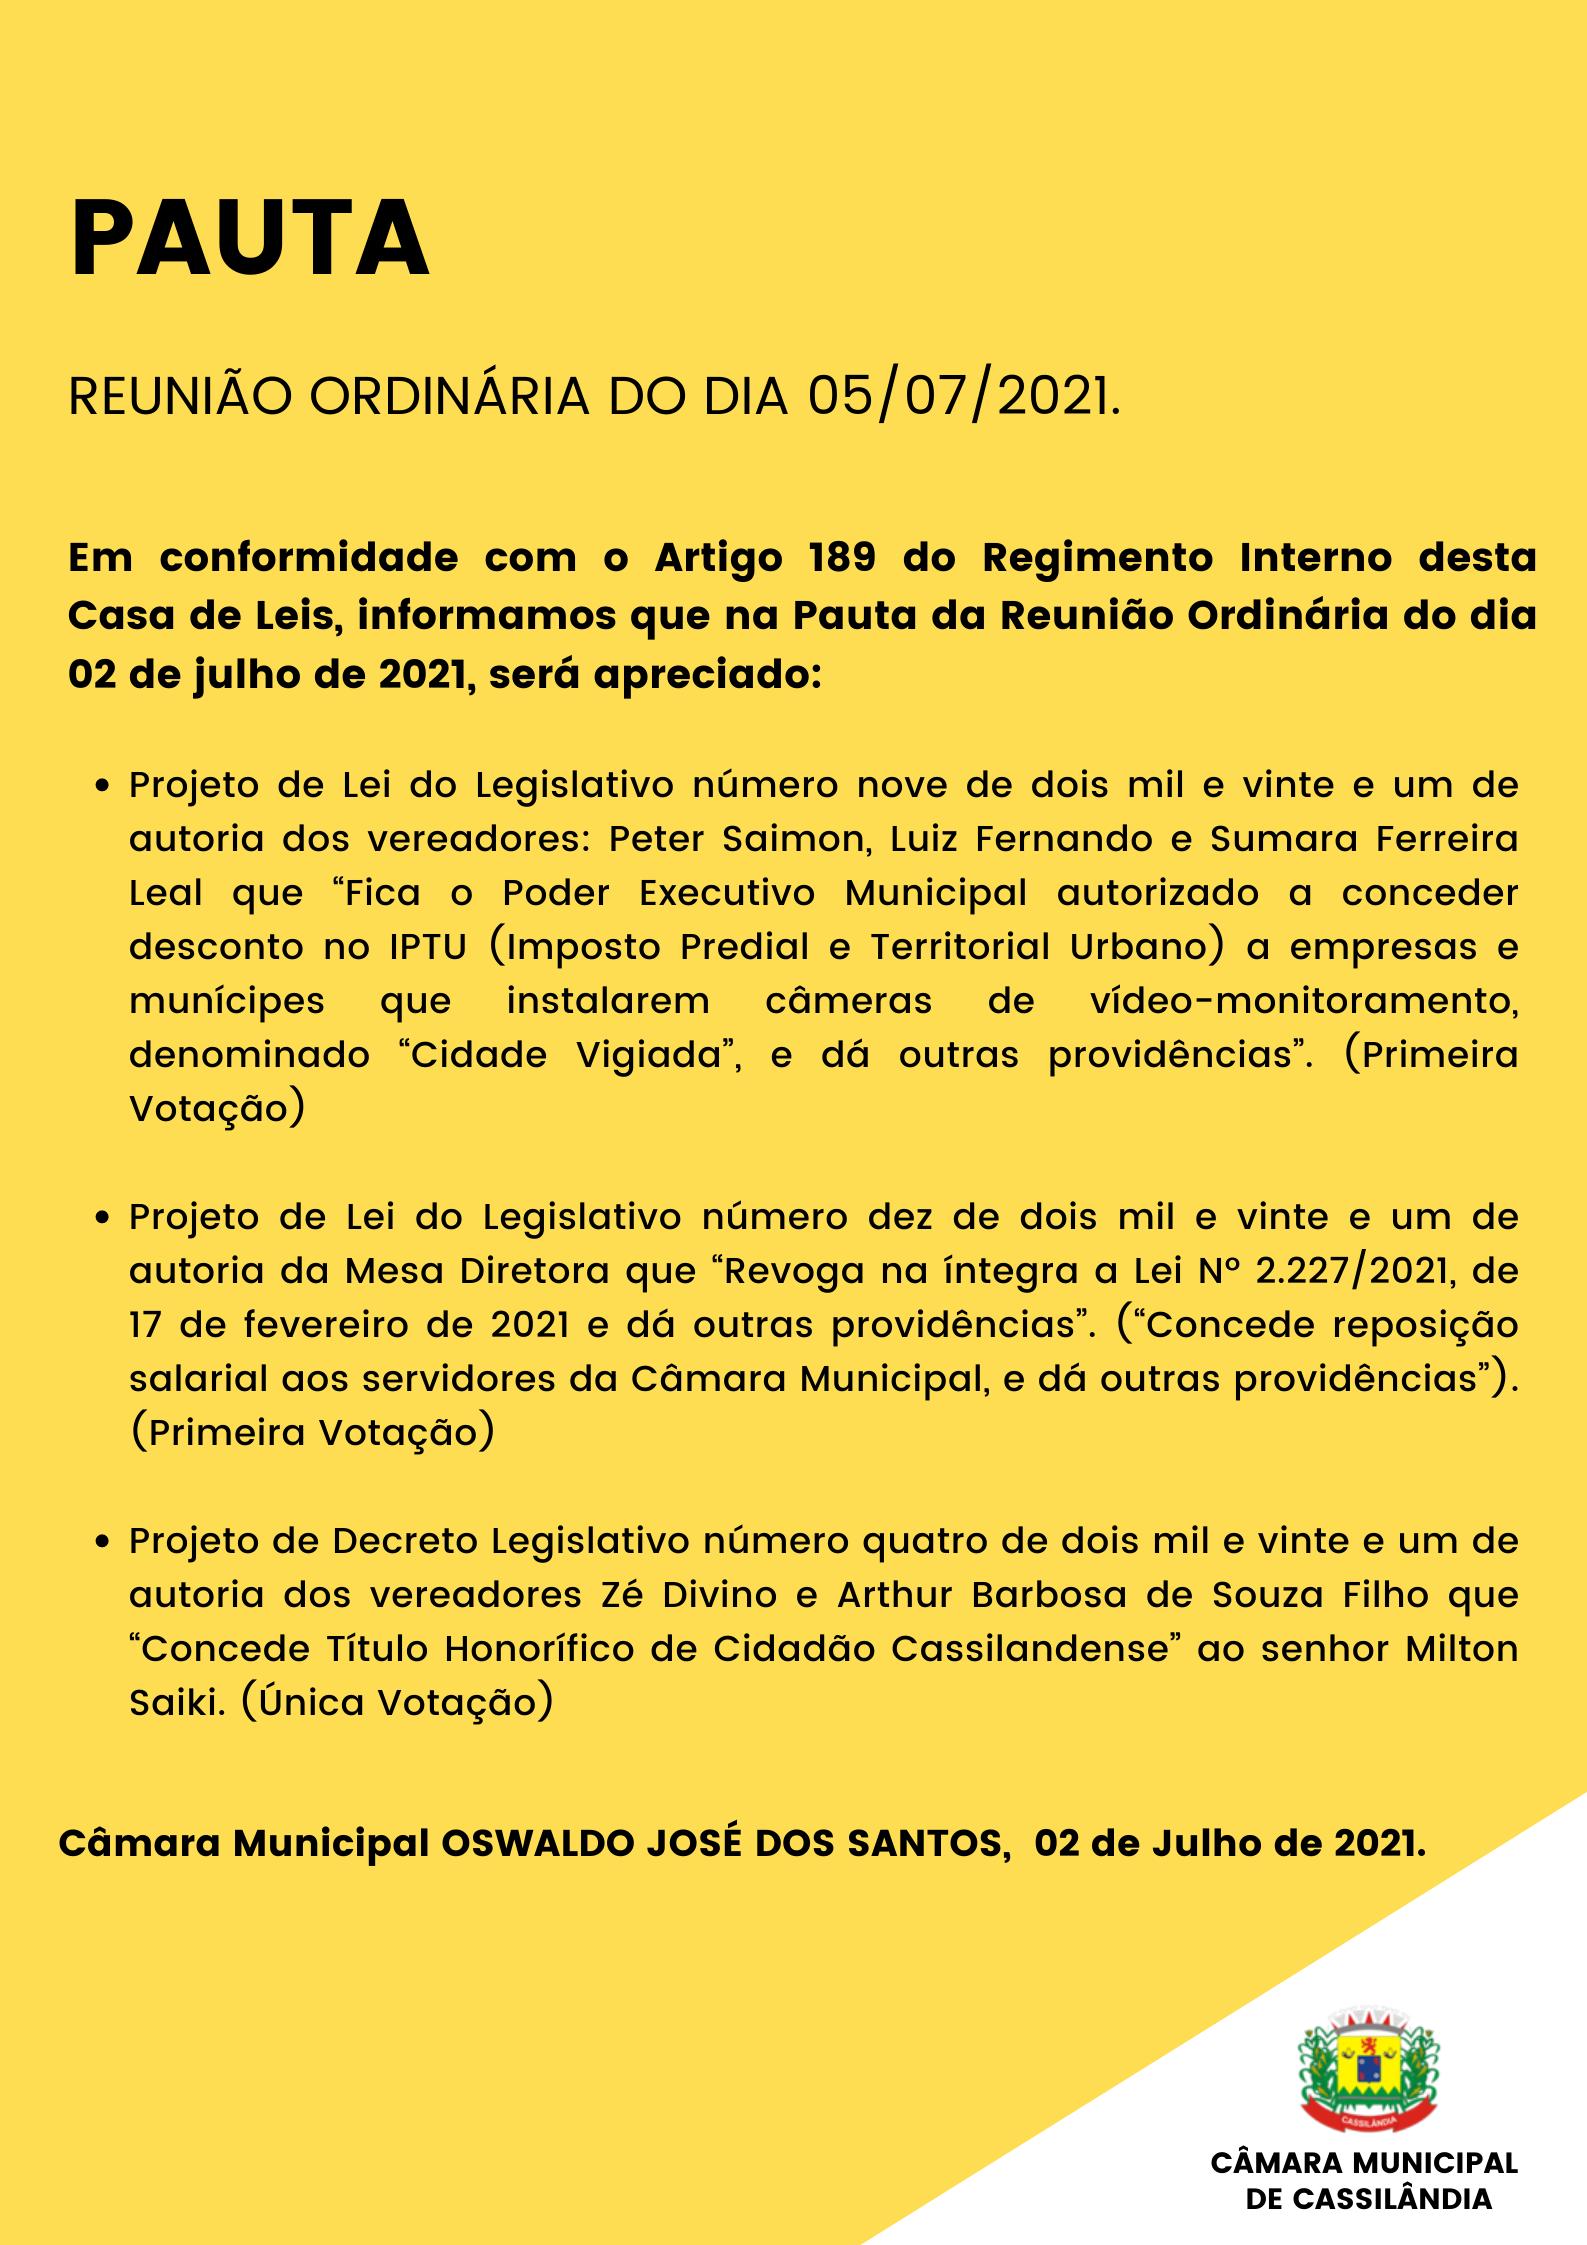 Pauta da Reunião Ordinária do dia 05/07/2021.